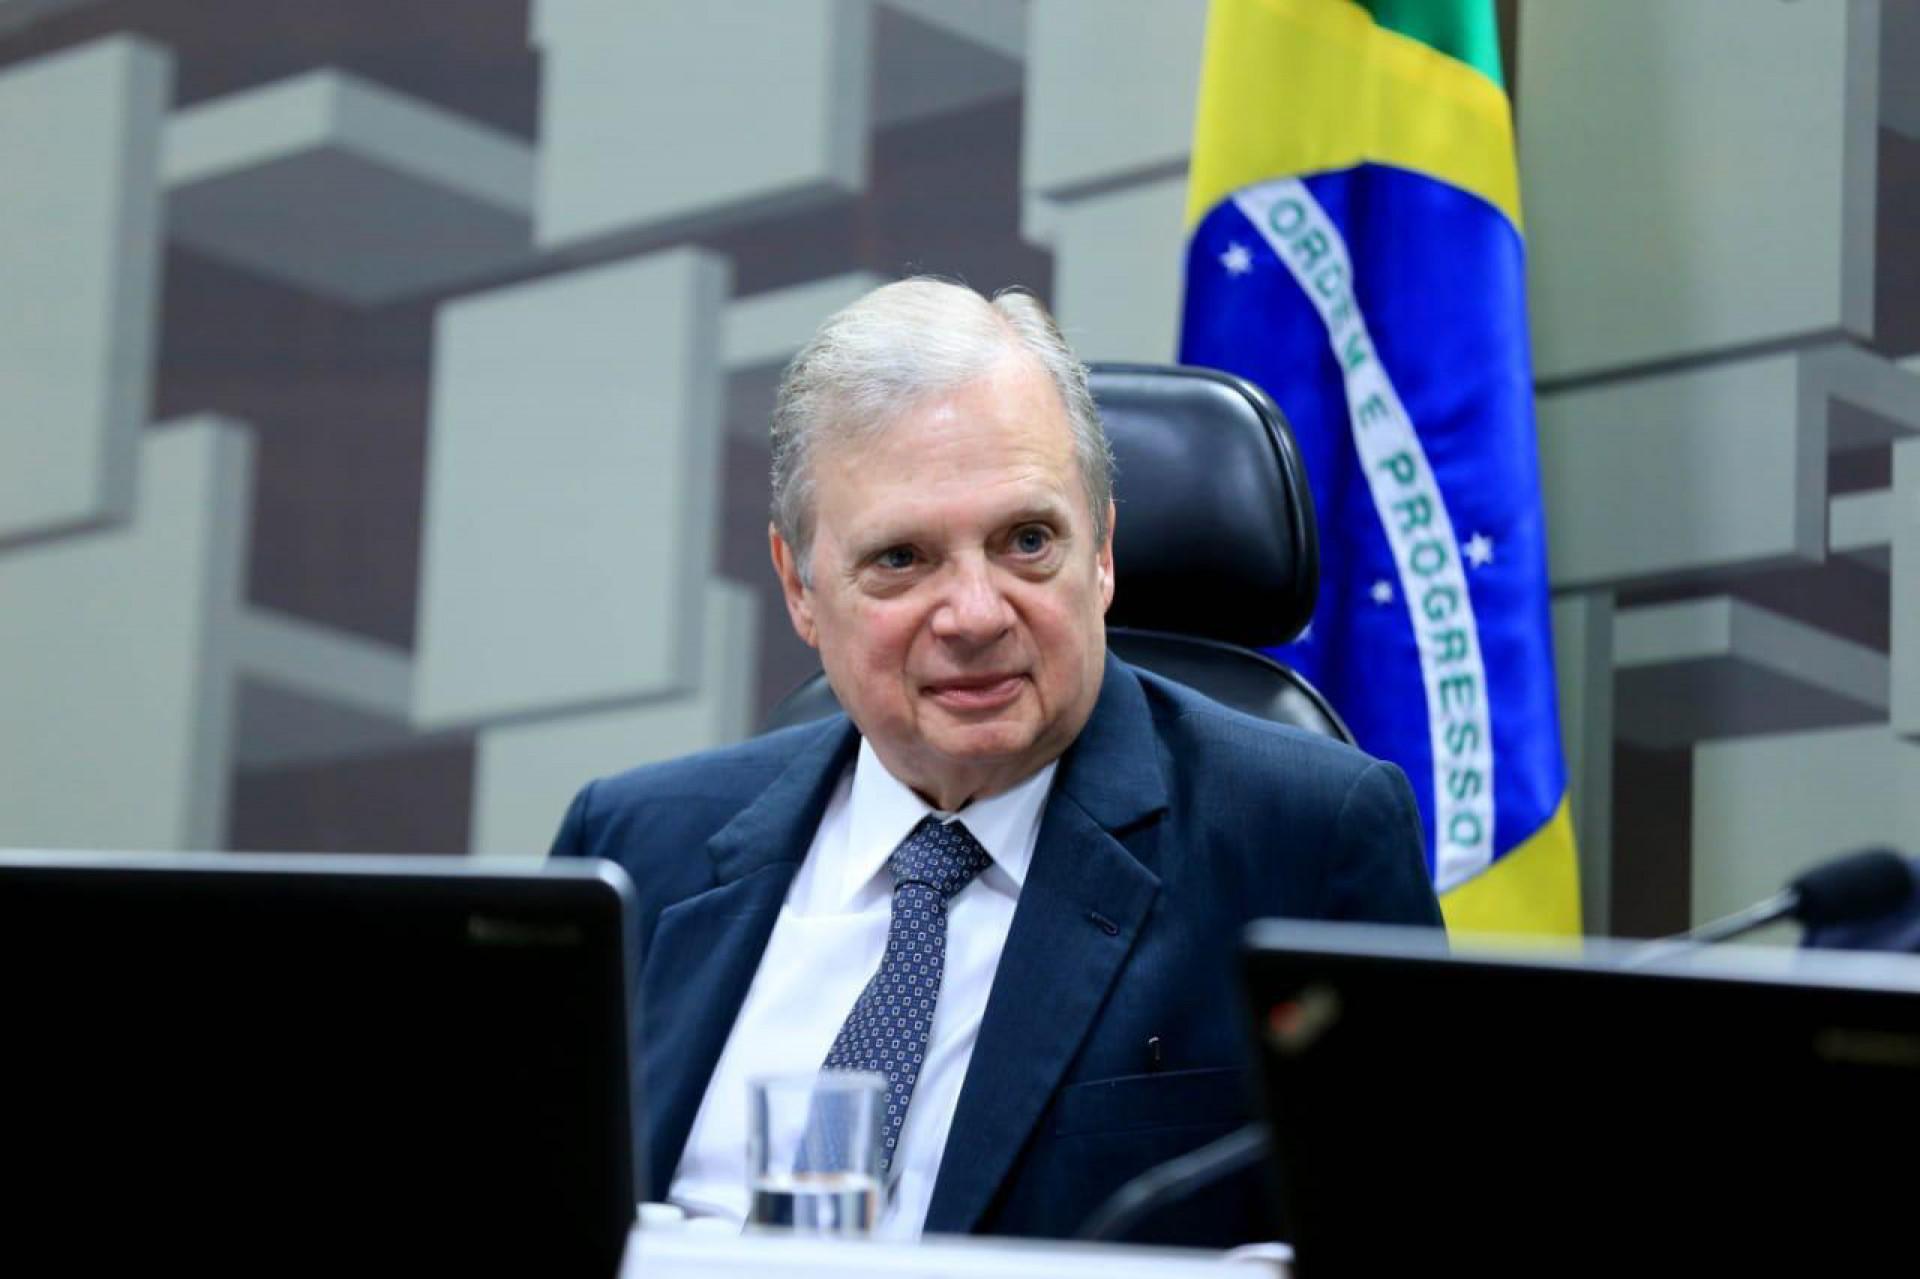 Tasso Jereissati e as articulações para 2022 tendo o Ceará como cenário (Foto: Divulgação)